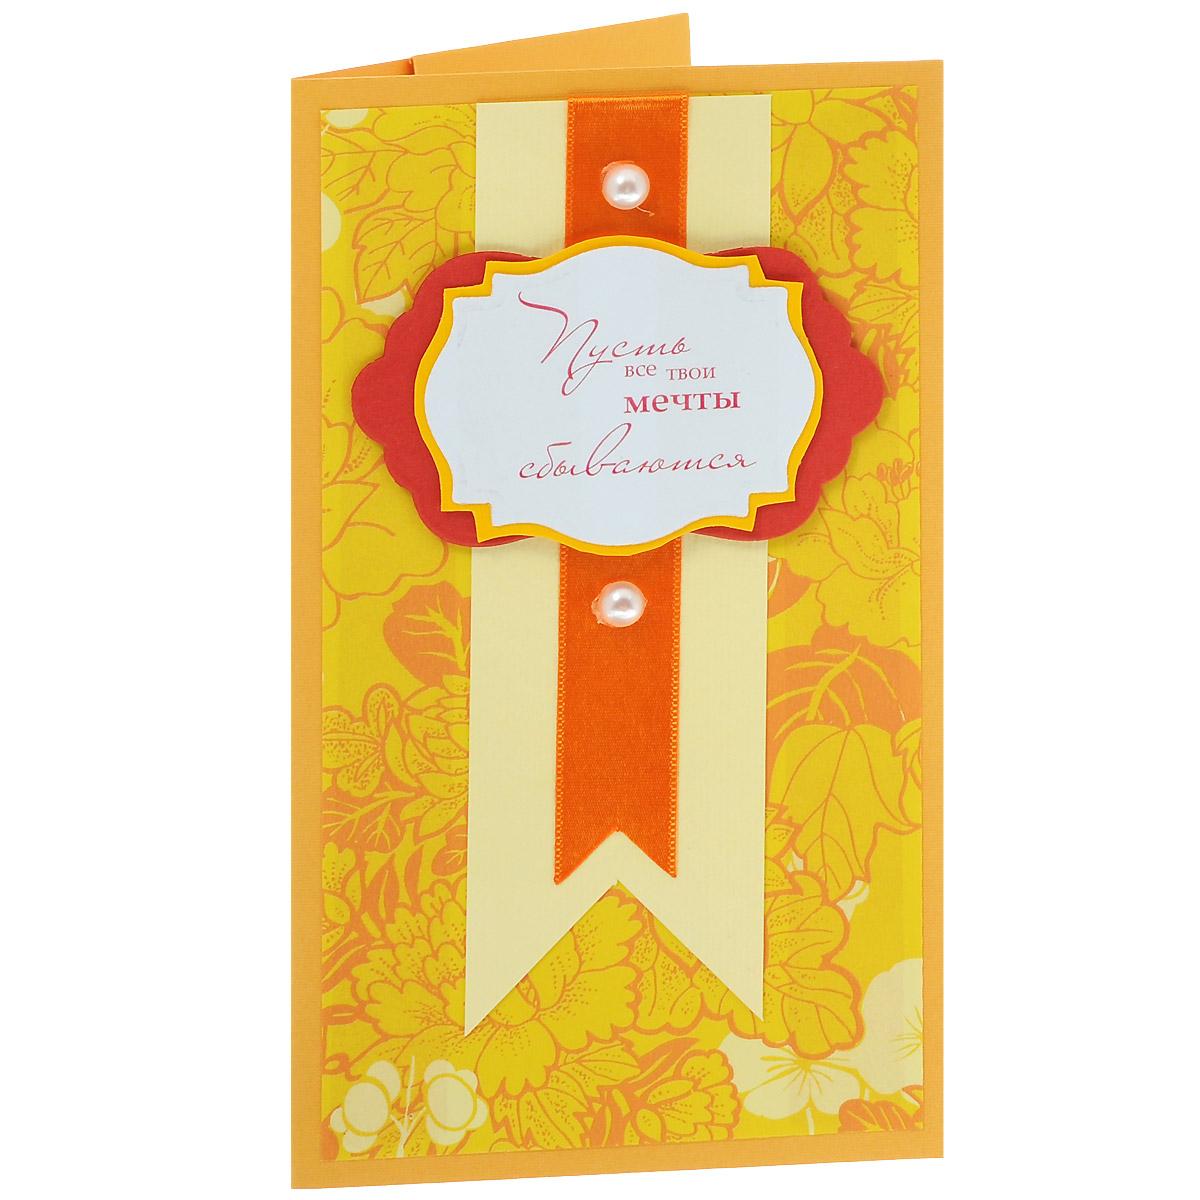 ОЖ-0007 Открытка-конверт «Пусть все твои мечты сбываются» (желтая). Студия «Тётя Роза»030508006Характеристики: Размер 19 см x 11 см.Материал: Высоко-художественный картон, бумага, декор. Данная открытка может стать как прекрасным дополнением к вашему подарку, так и самостоятельным подарком. Так как открытка является и конвертом, в который вы можете вложить ваш денежный подарок или просто написать ваши пожелания на вкладыше. Благородный фон усилен ажурным узором цветочных и растительных мотивов. Поздравительная надпись расположена на изящной, многослойной табличке. В оформлении открытки использована атласная лента и жемчужные полубусины. Также открытка упакована в пакетик для сохранности.Обращаем Ваше внимание на то, что открытка может незначительно отличаться от представленной на фото.Открытки ручной работы от студии Тётя Роза отличаются своим неповторимым и ярким стилем. Каждая уникальна и выполнена вручную мастерами студии. (Открытка для мужчин, открытка для женщины, открытка на день рождения, открытка с днем свадьбы, открытка винтаж, открытка с юбилеем, открытка на все случаи, скрапбукинг)